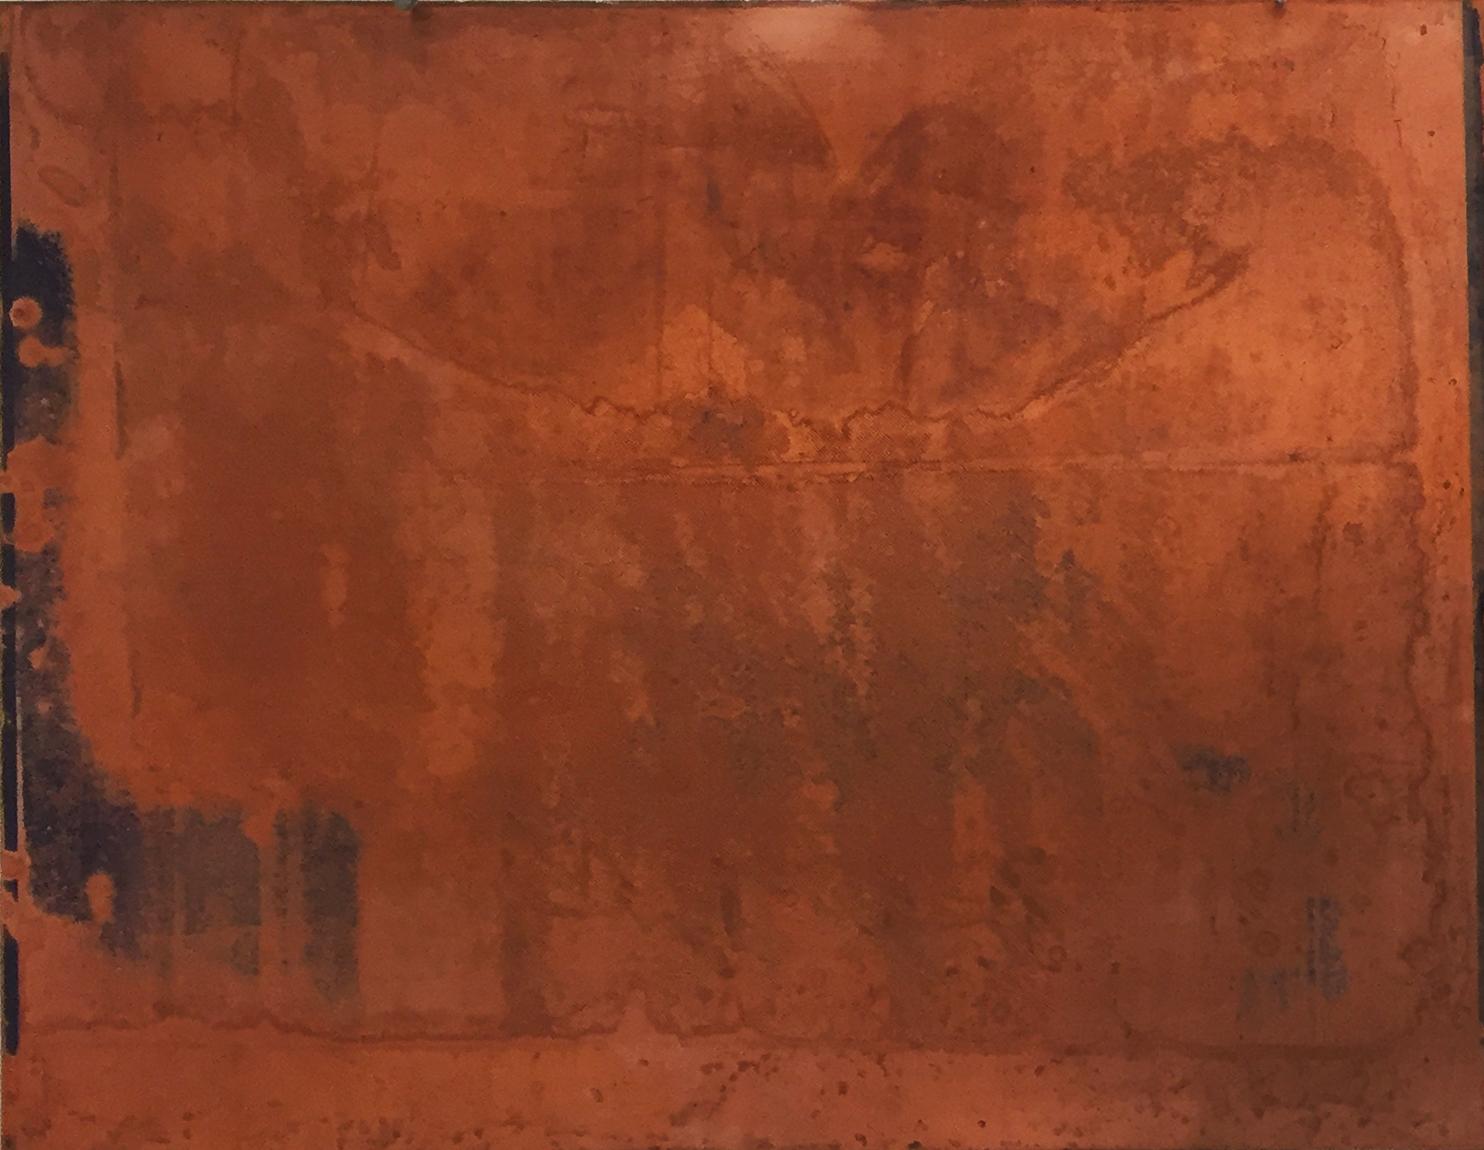 """Monika Niwelińska, Void (zserii """"Radioactive Landscapes""""), nieutrwalona emulsja światłoczuła – zapis postępującej entropii obrazu, naświetlanie UV, klisze negatywowe (dokumentacja przestrzeni popromiennych), folia światłoczuła Imagon, kwas azotowy, blacha miedziana, 2007-2015"""